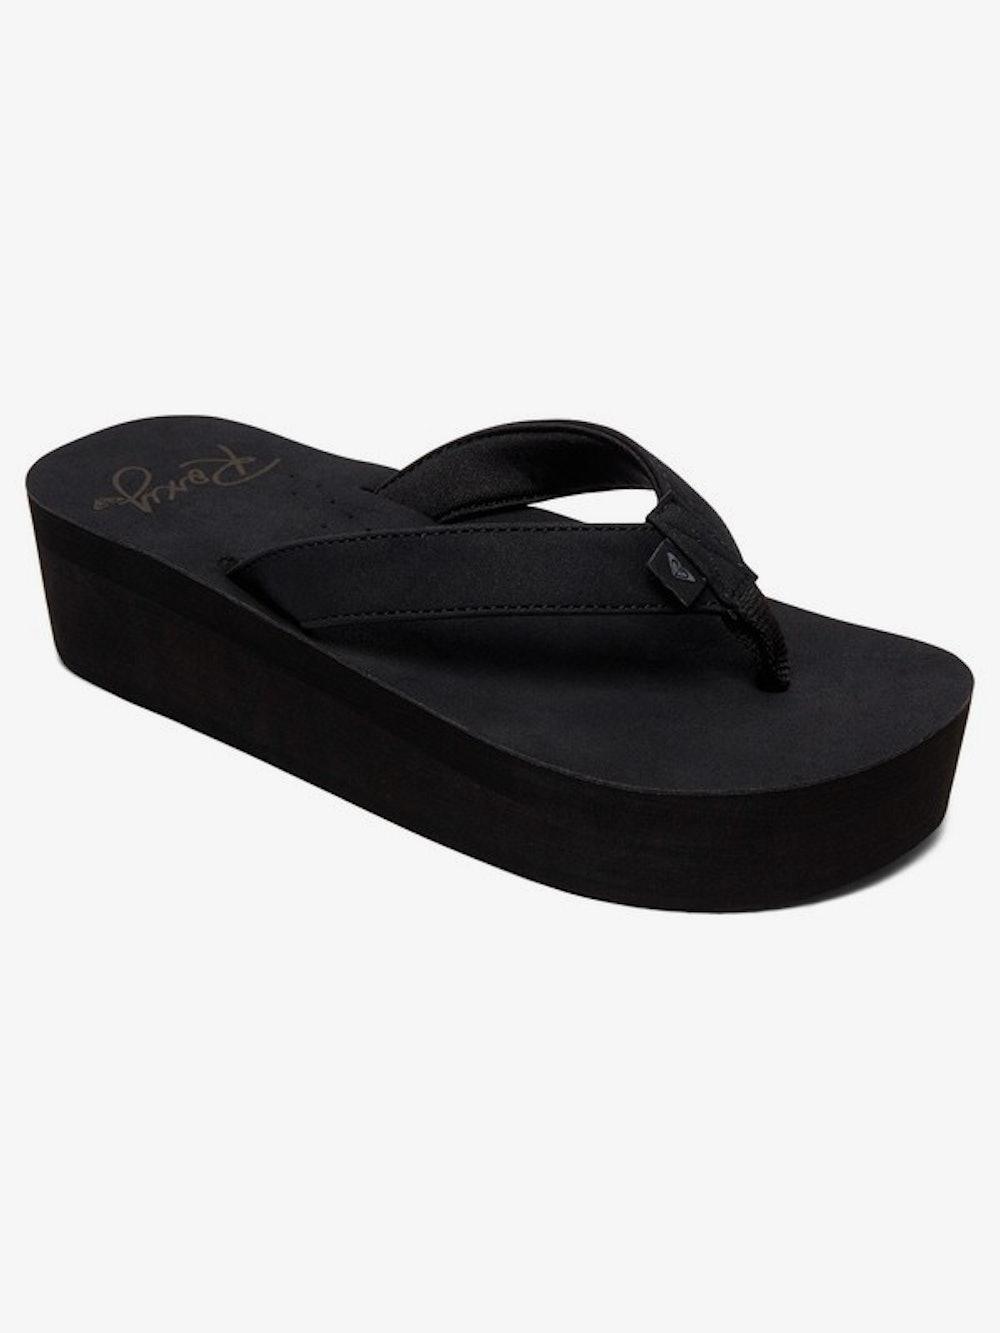 Melinda Platform Sandals